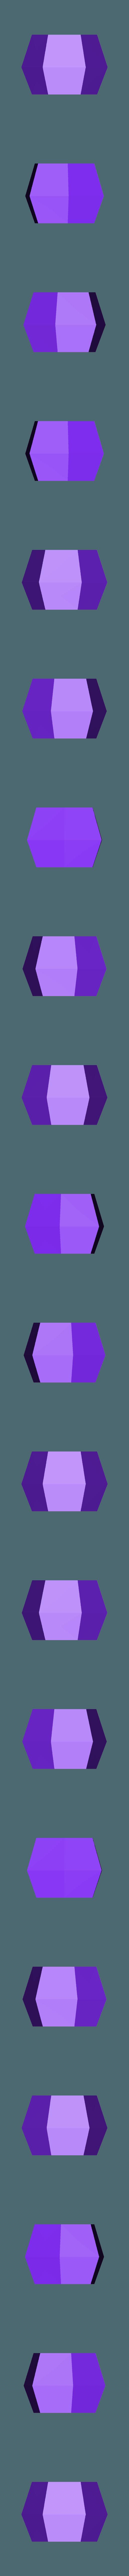 Mini_Flyte.stl Télécharger fichier STL gratuit Mini jardinière flottante • Modèle pour imprimante 3D, Ananords